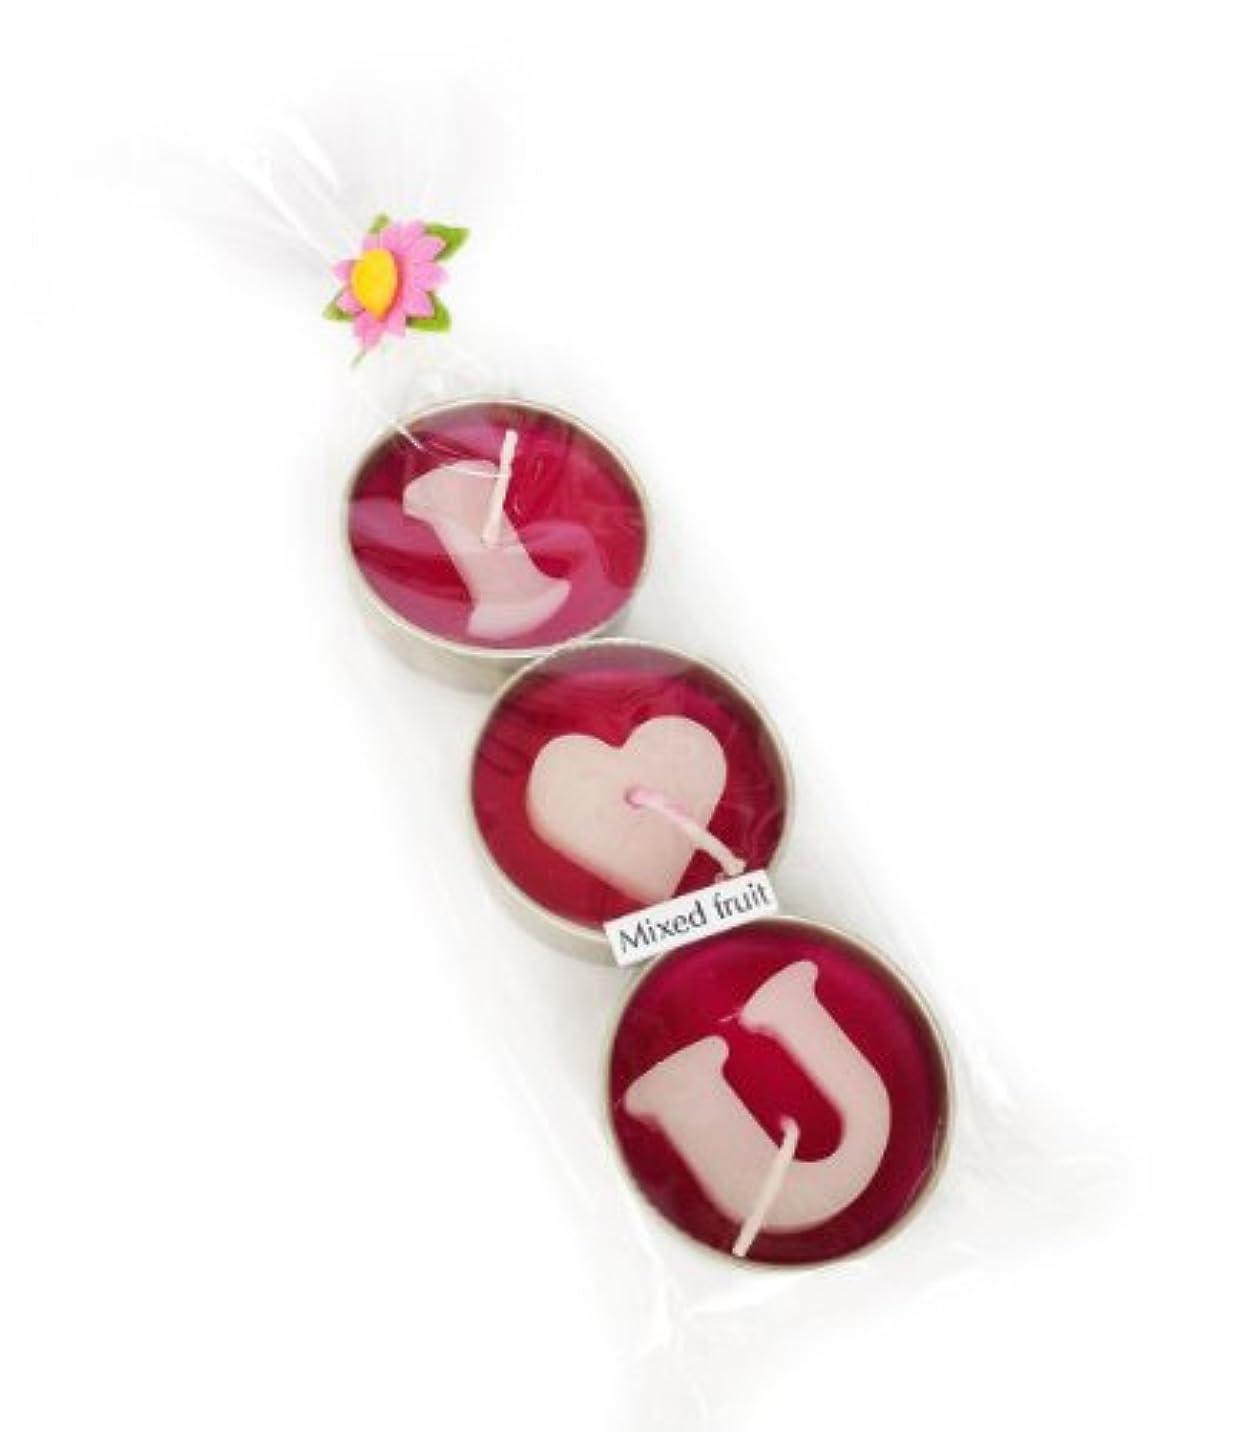 並外れてバックインゲンアロマキャンドル/ラブキャンドル/ILoveU/モーク/ロウソク/ろうそ/1パック3個入り/(1Pack  3pc I love U Candle) (Mixed Fruit)